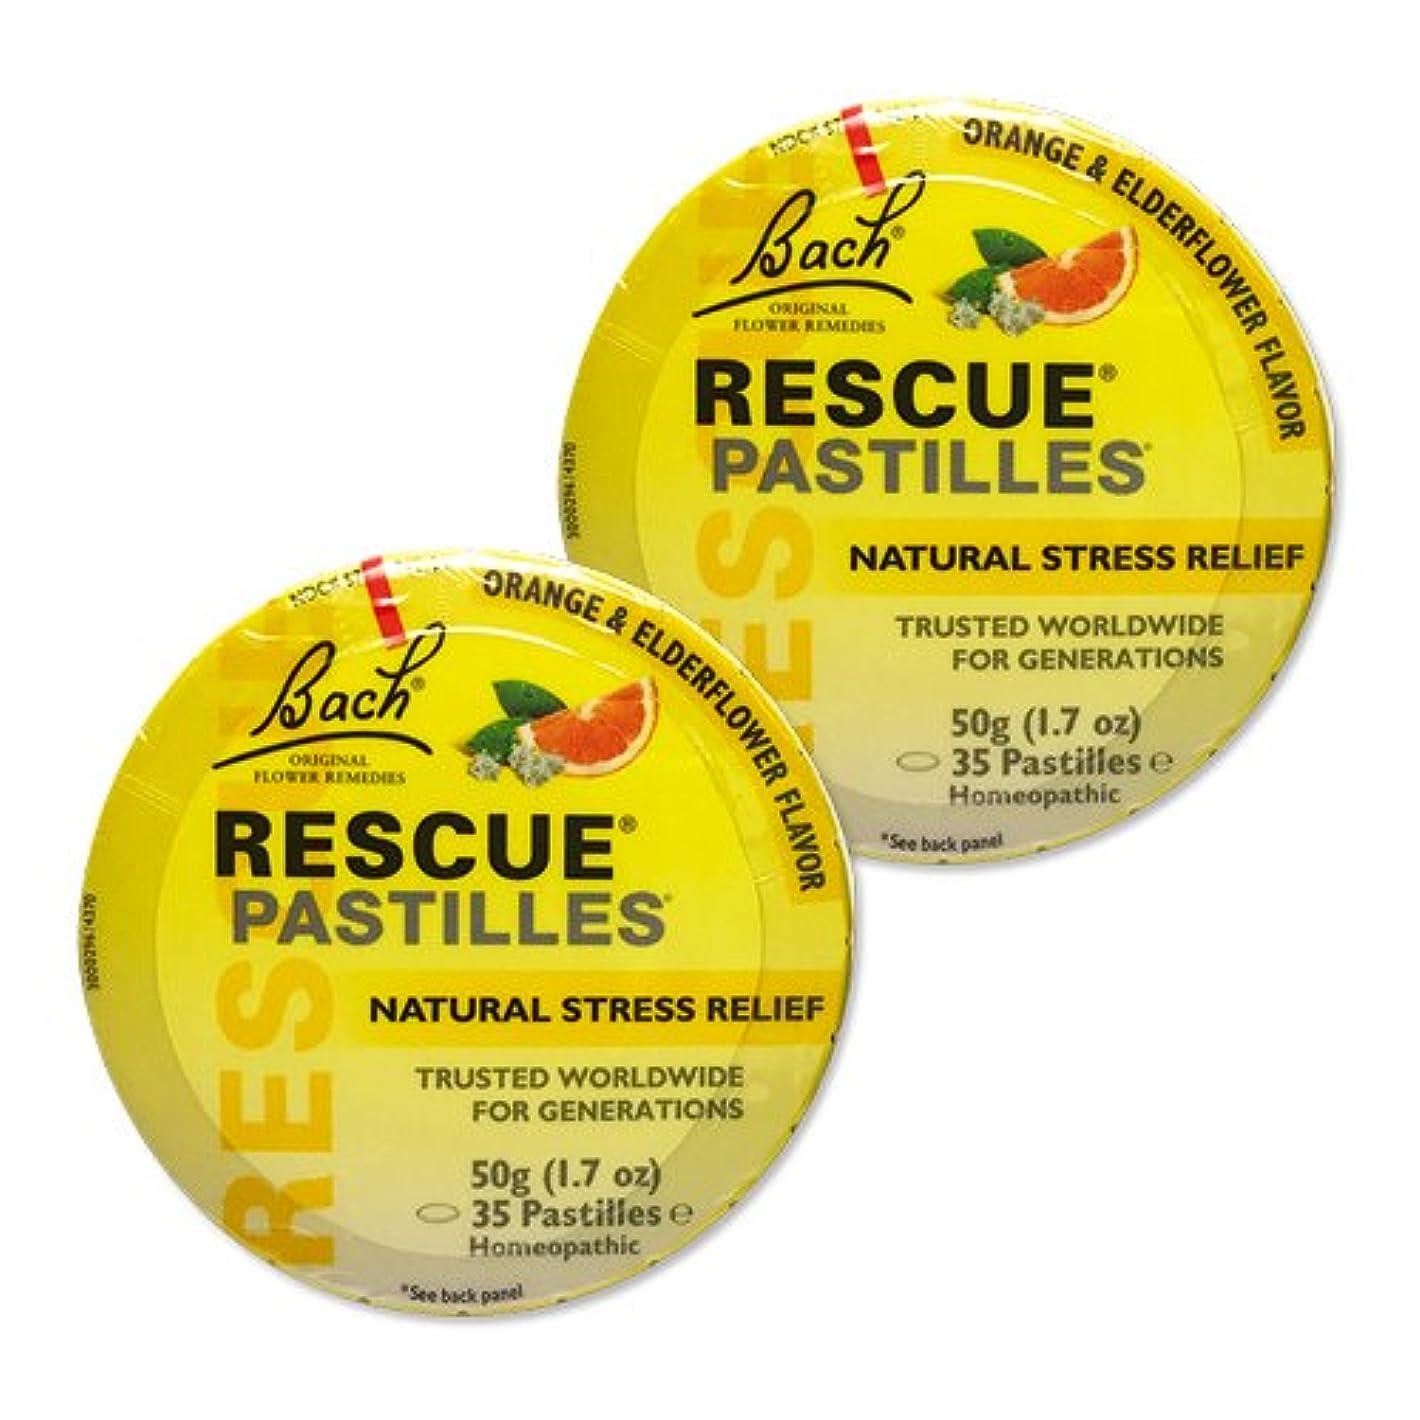 吸収寝る印象的【2個セット】 [海外直送品]バッチフラワー レスキューレメディー パステル(オレンジ) Rescue Pastilles: For Occasional...